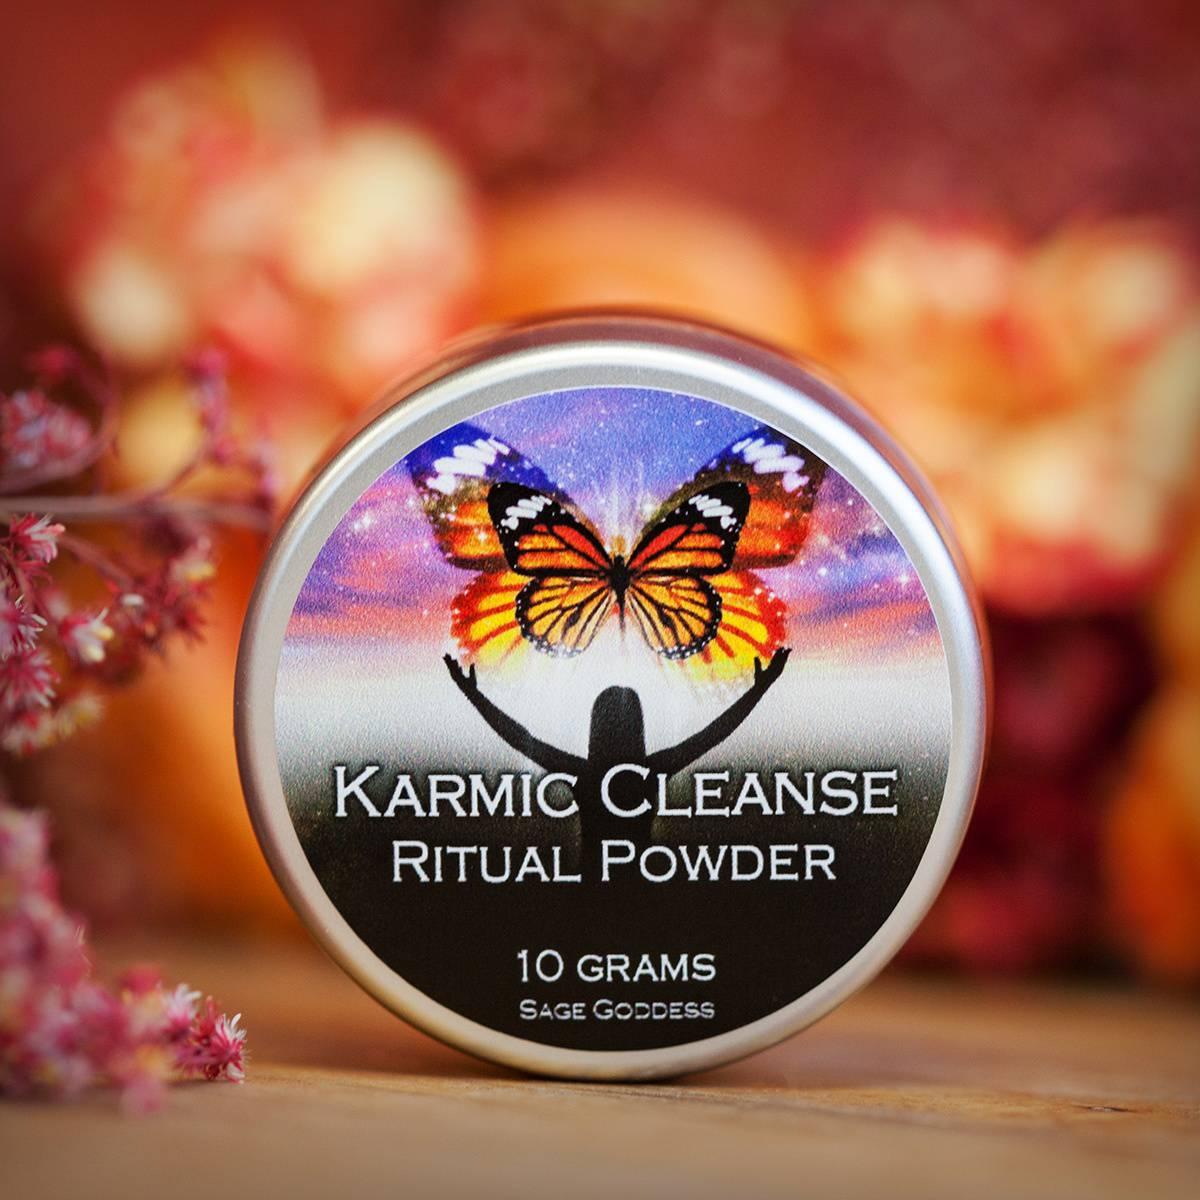 Karmic Cleanse Ritual Powder 1_6